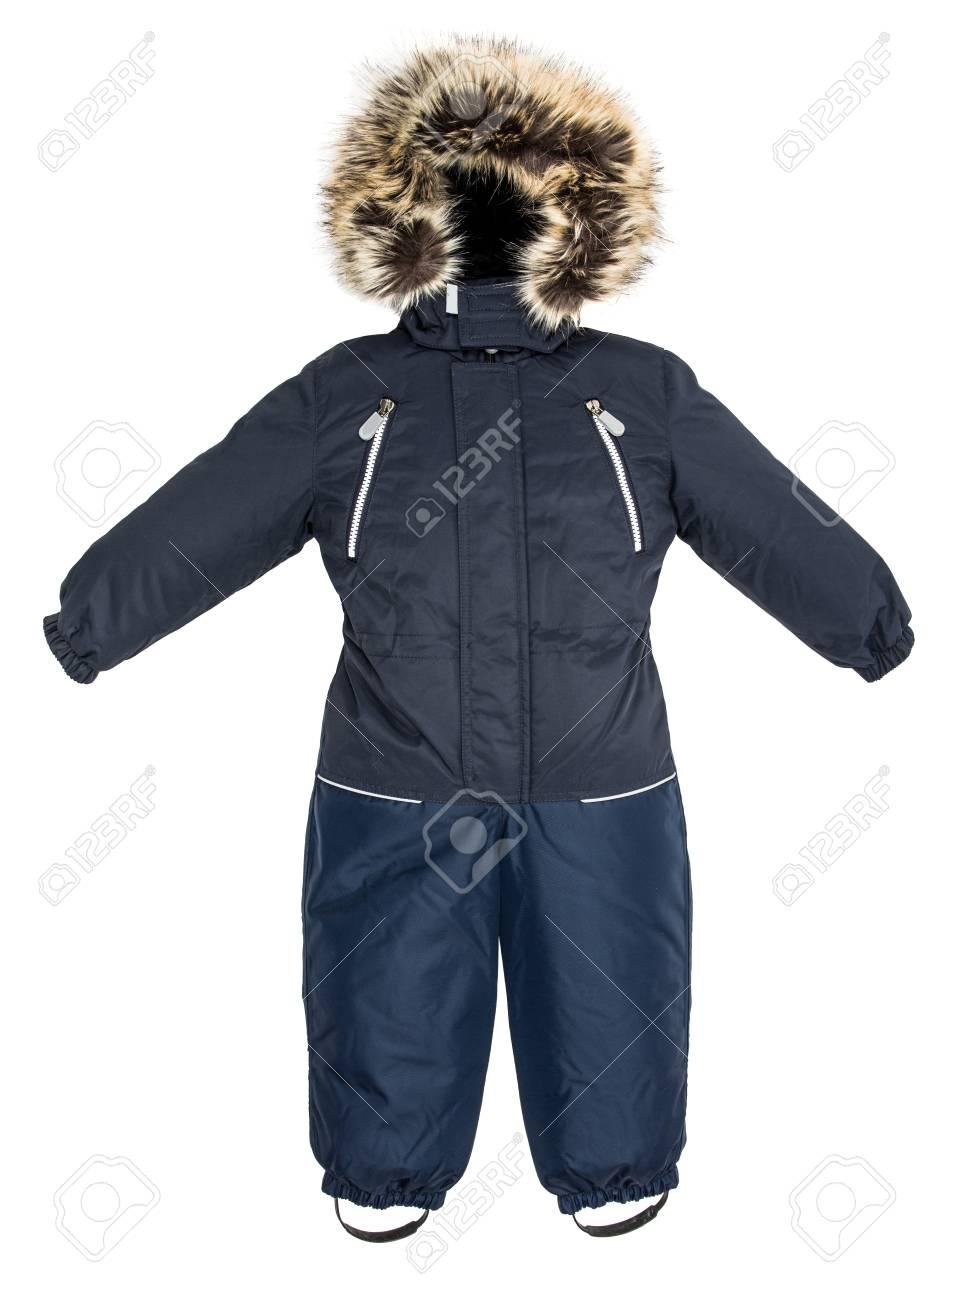 5d9c58dcd3021b La tuta da jeans per bambini è caduta su uno sfondo bianco Archivio  Fotografico - 84424364